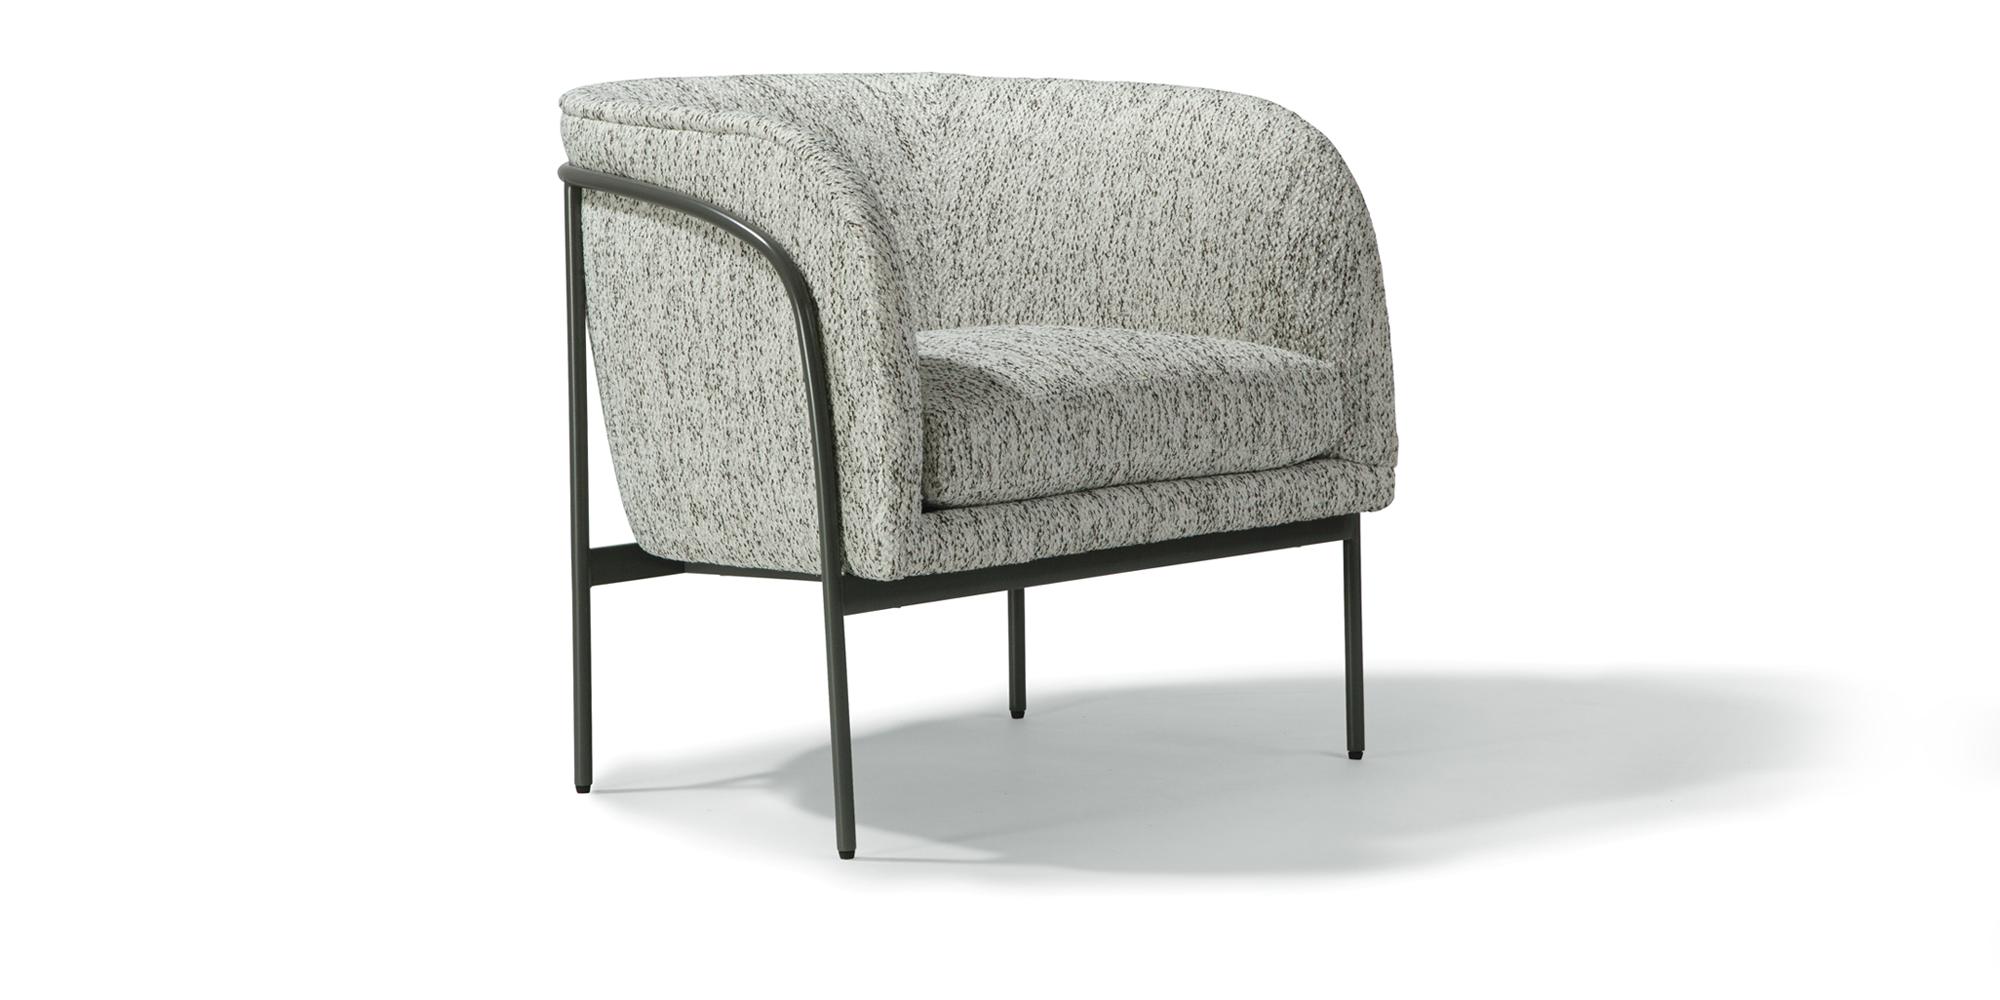 Rod Chair